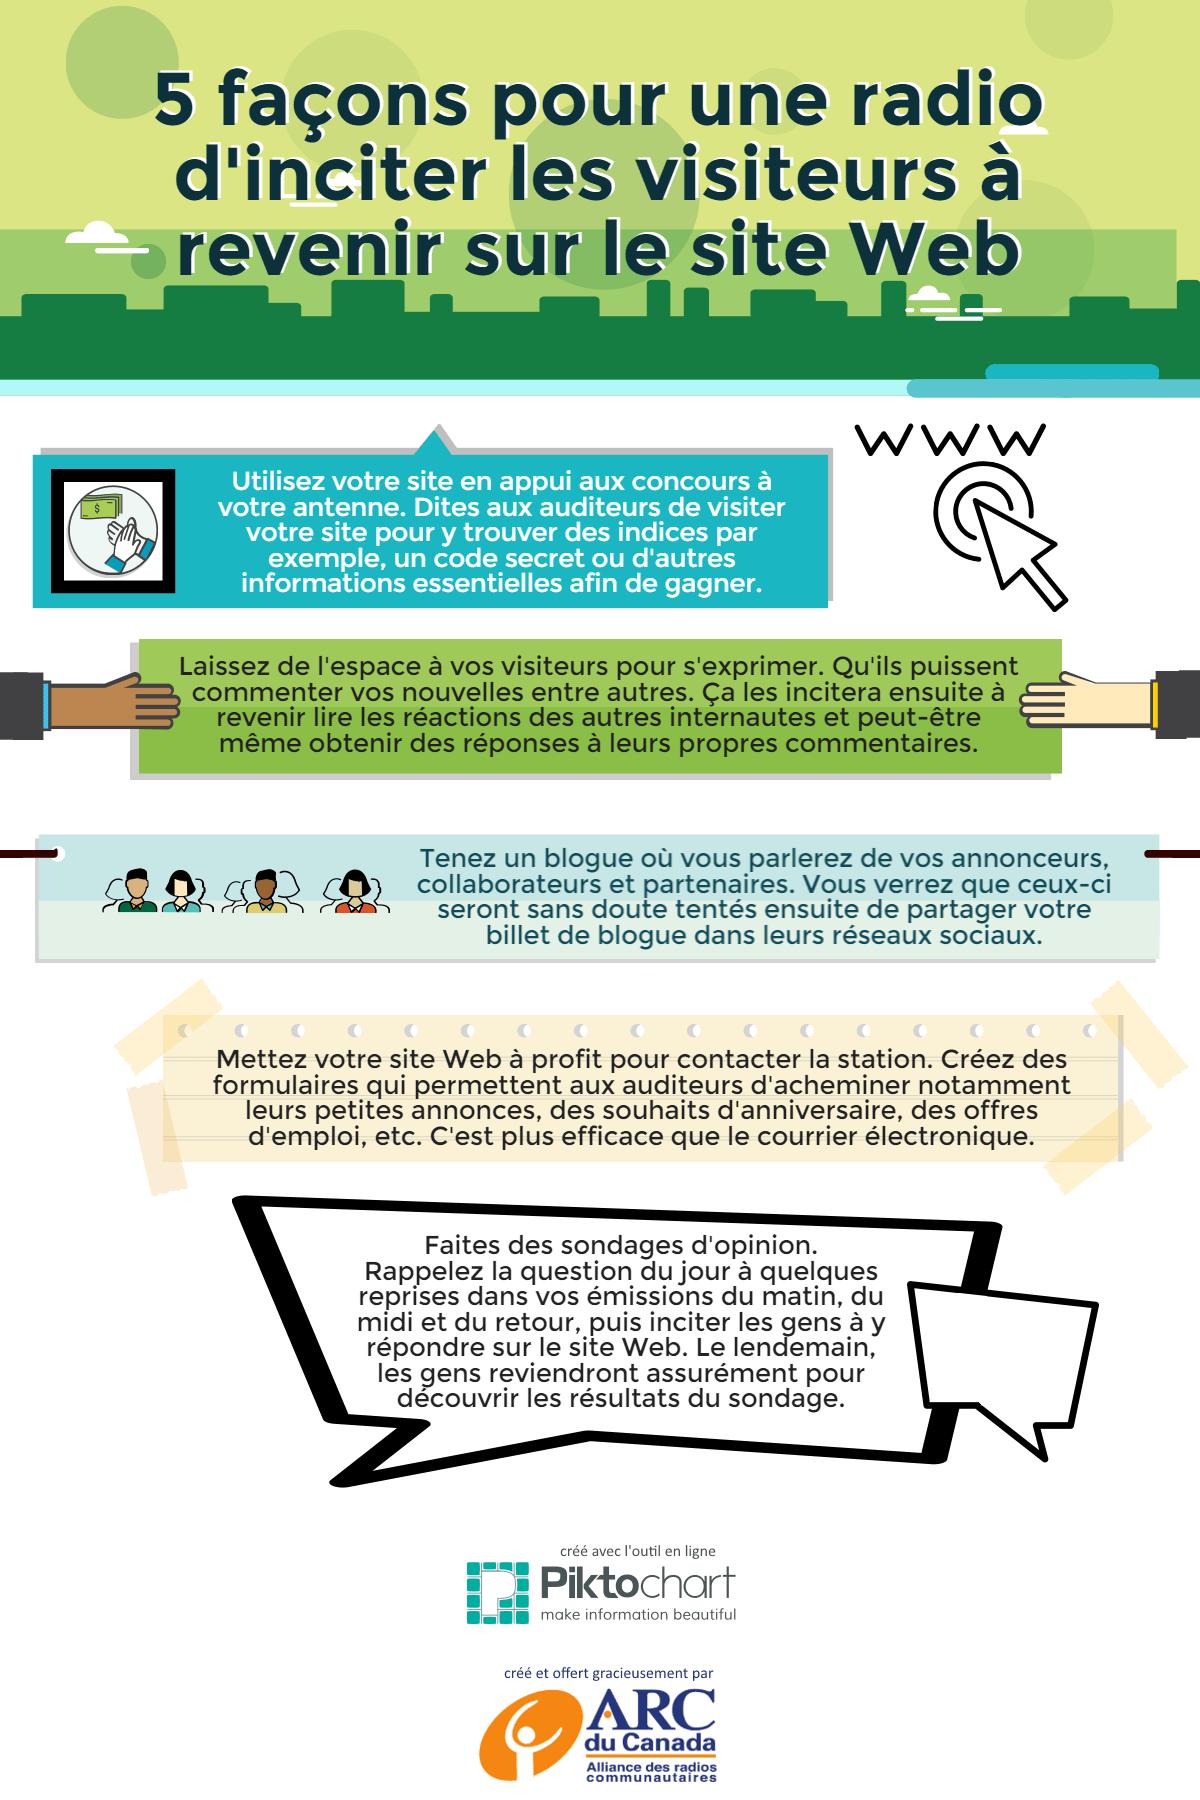 5 façons pour une radio d'inciter les visiteurs à revenir sur le site Web